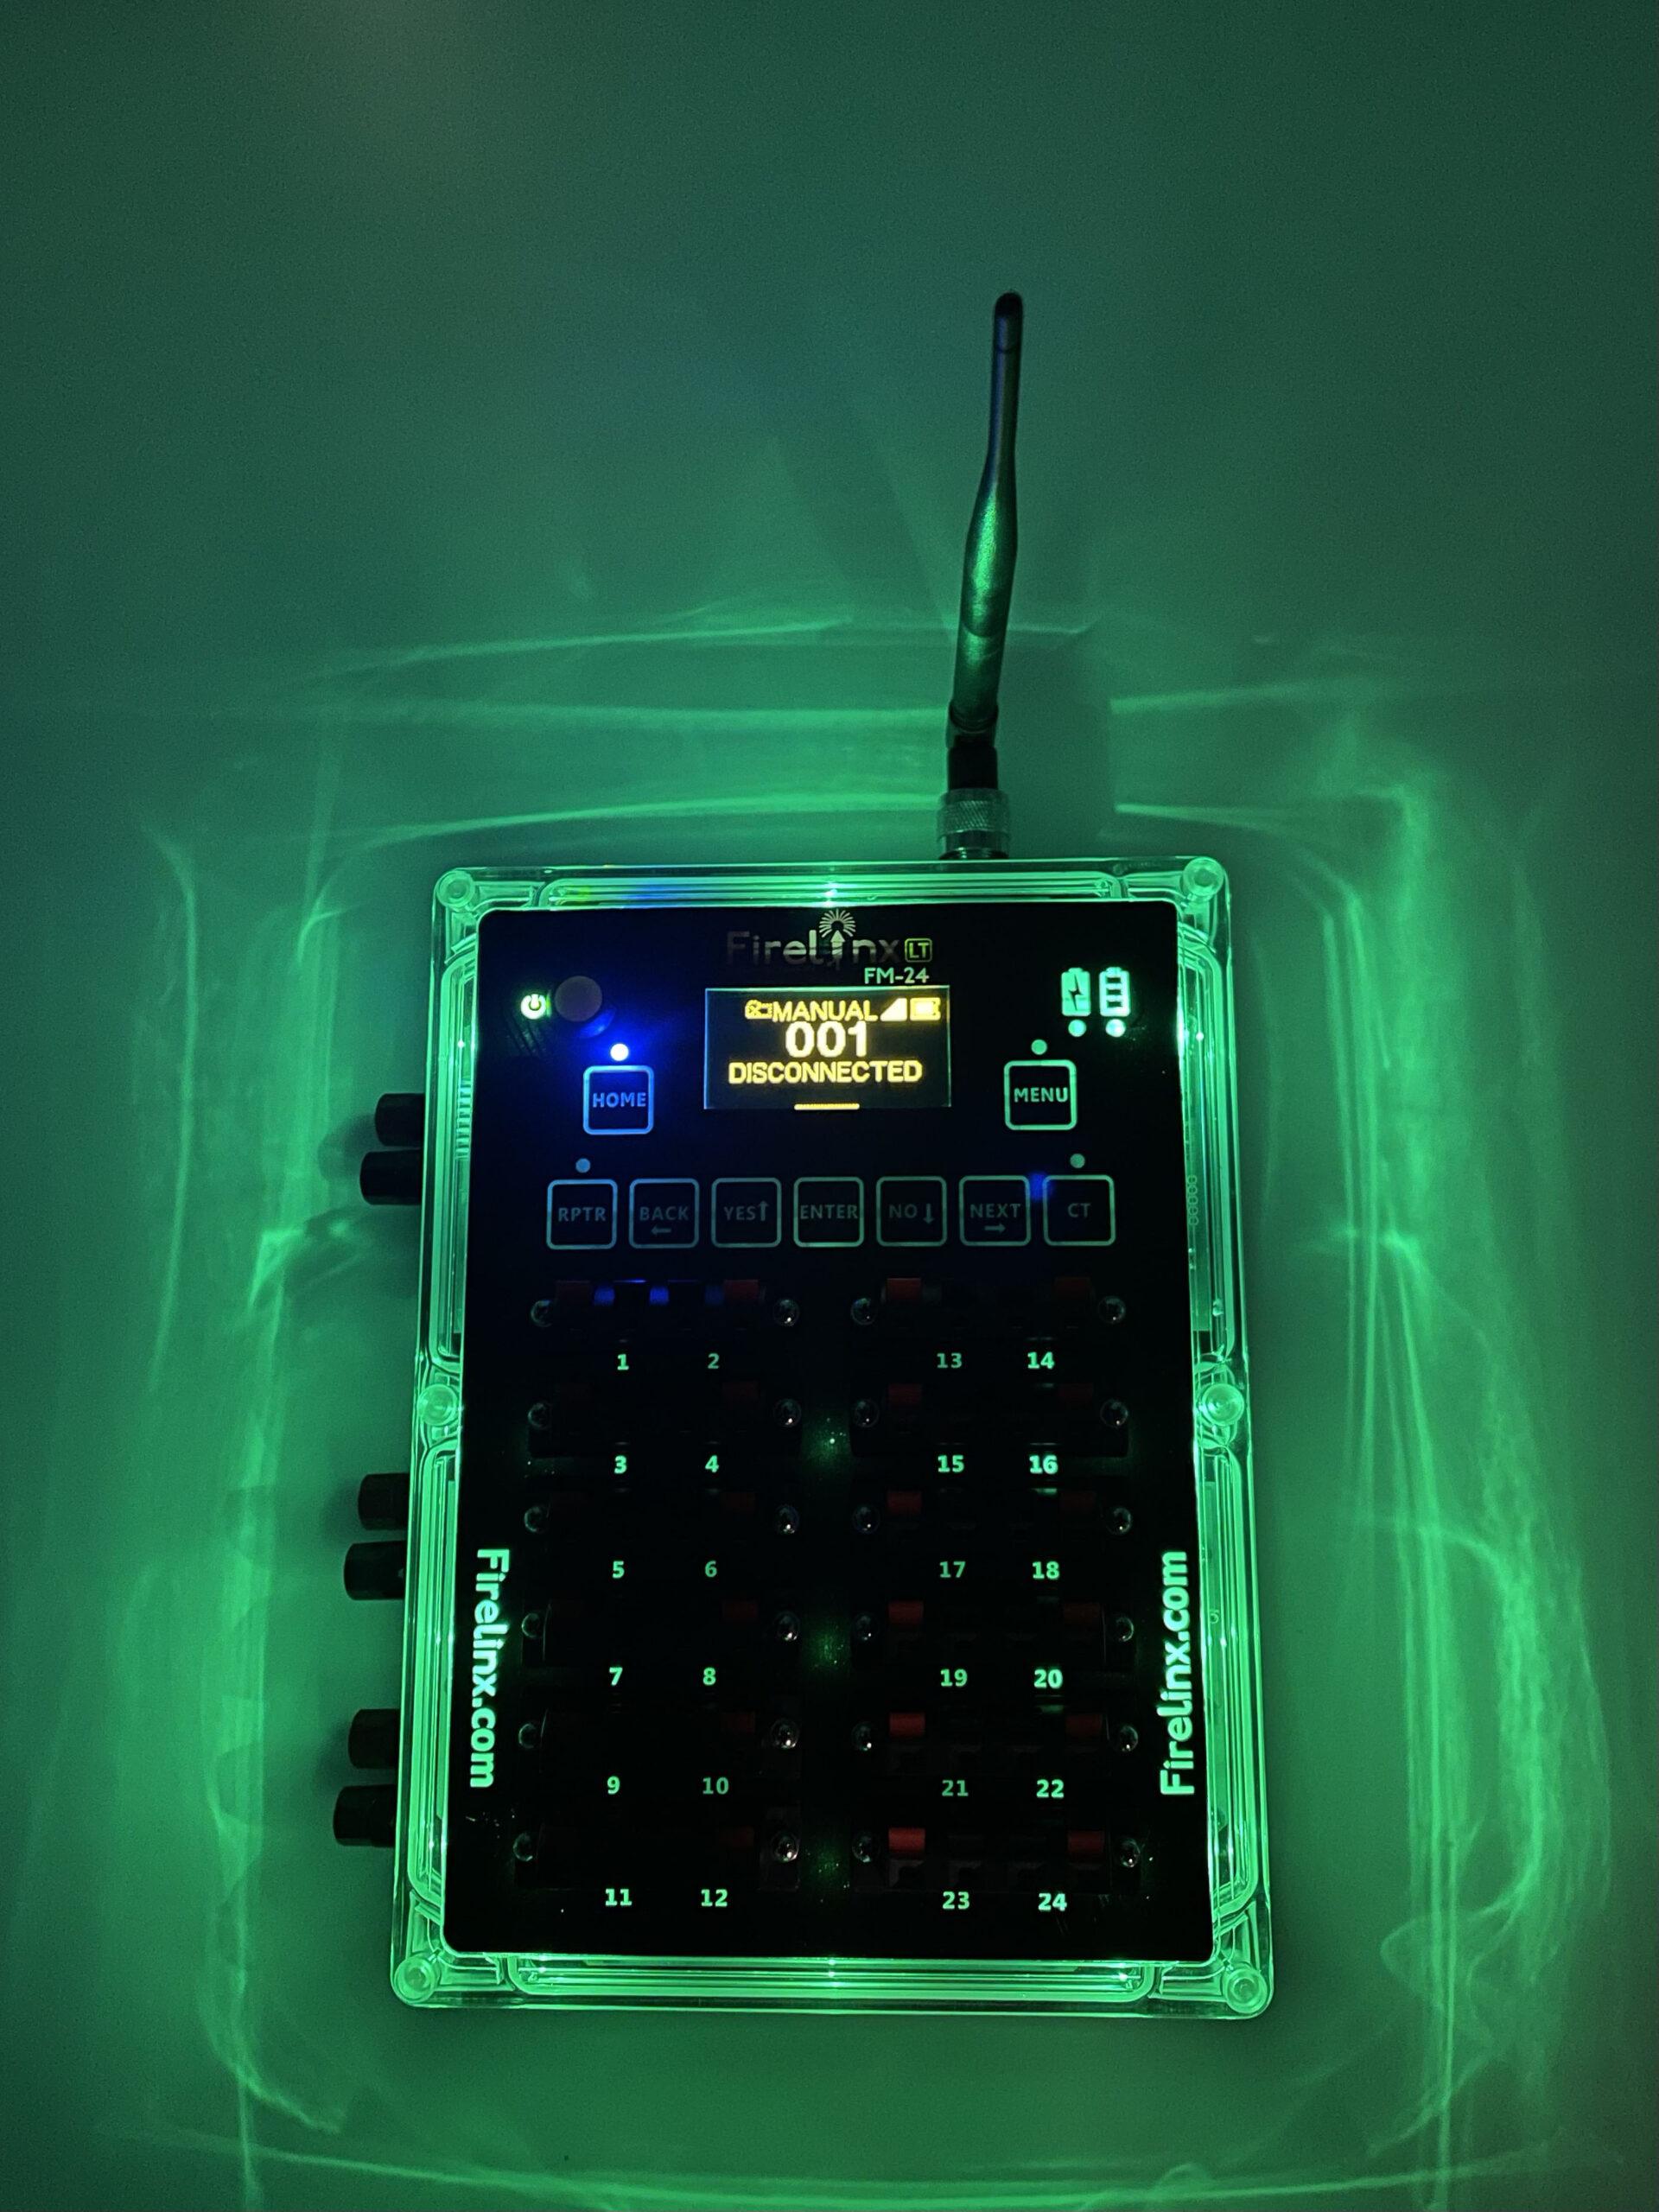 Firelinx Firing Systems- Firing Module - Green LEDs lit up indicating Safe Mode